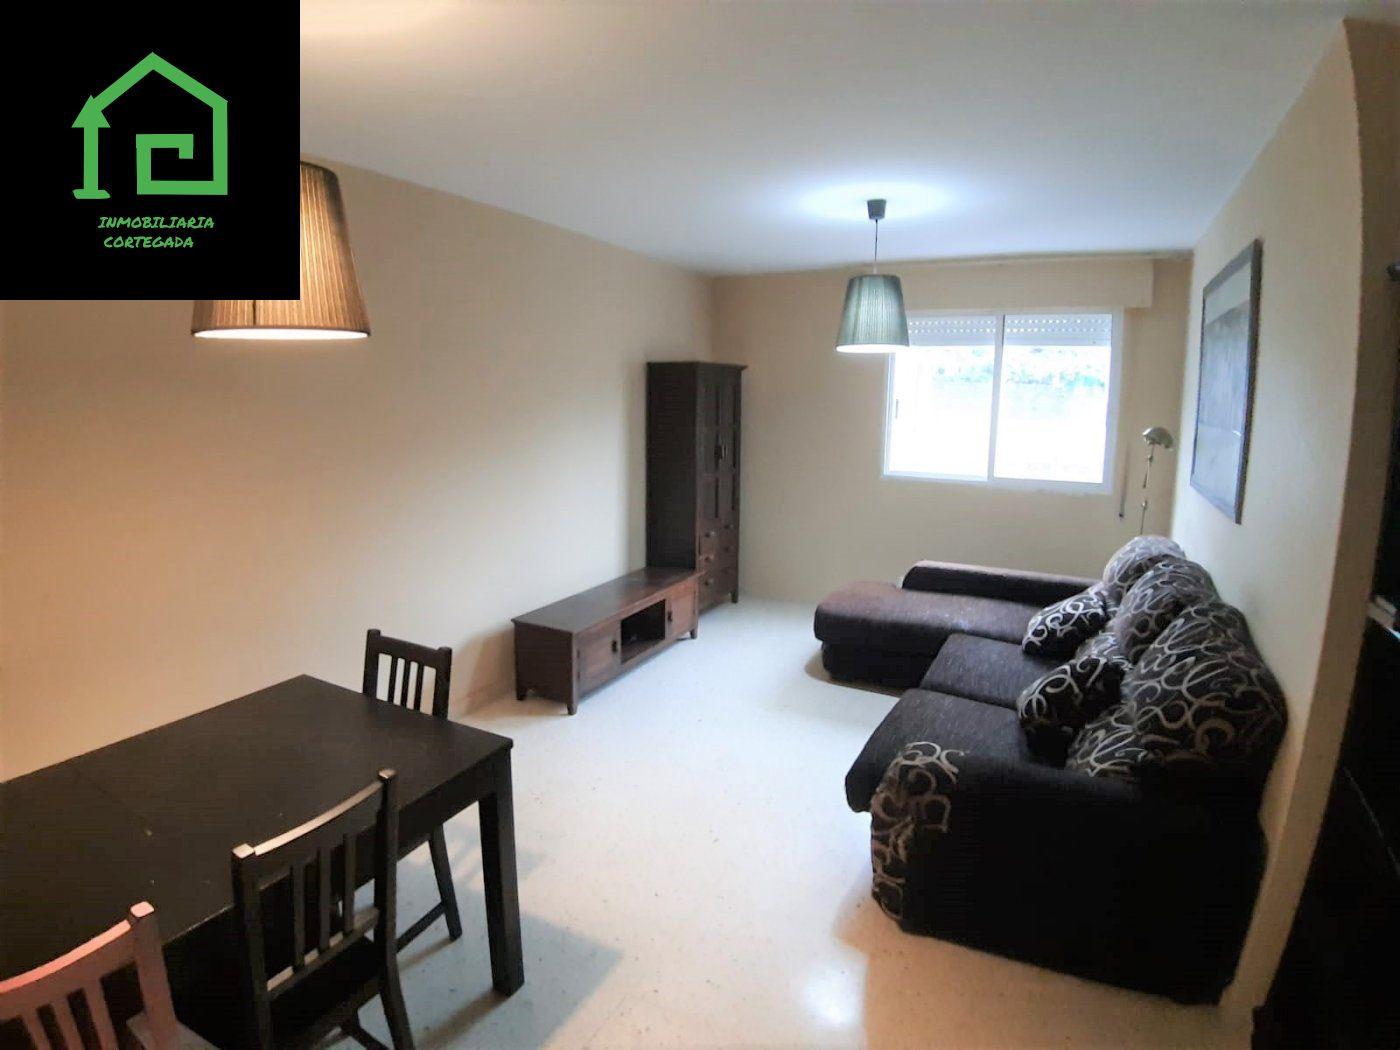 Apartamento, Trabanca sardiñeira, Venta - Pontevedra (Pontevedra)